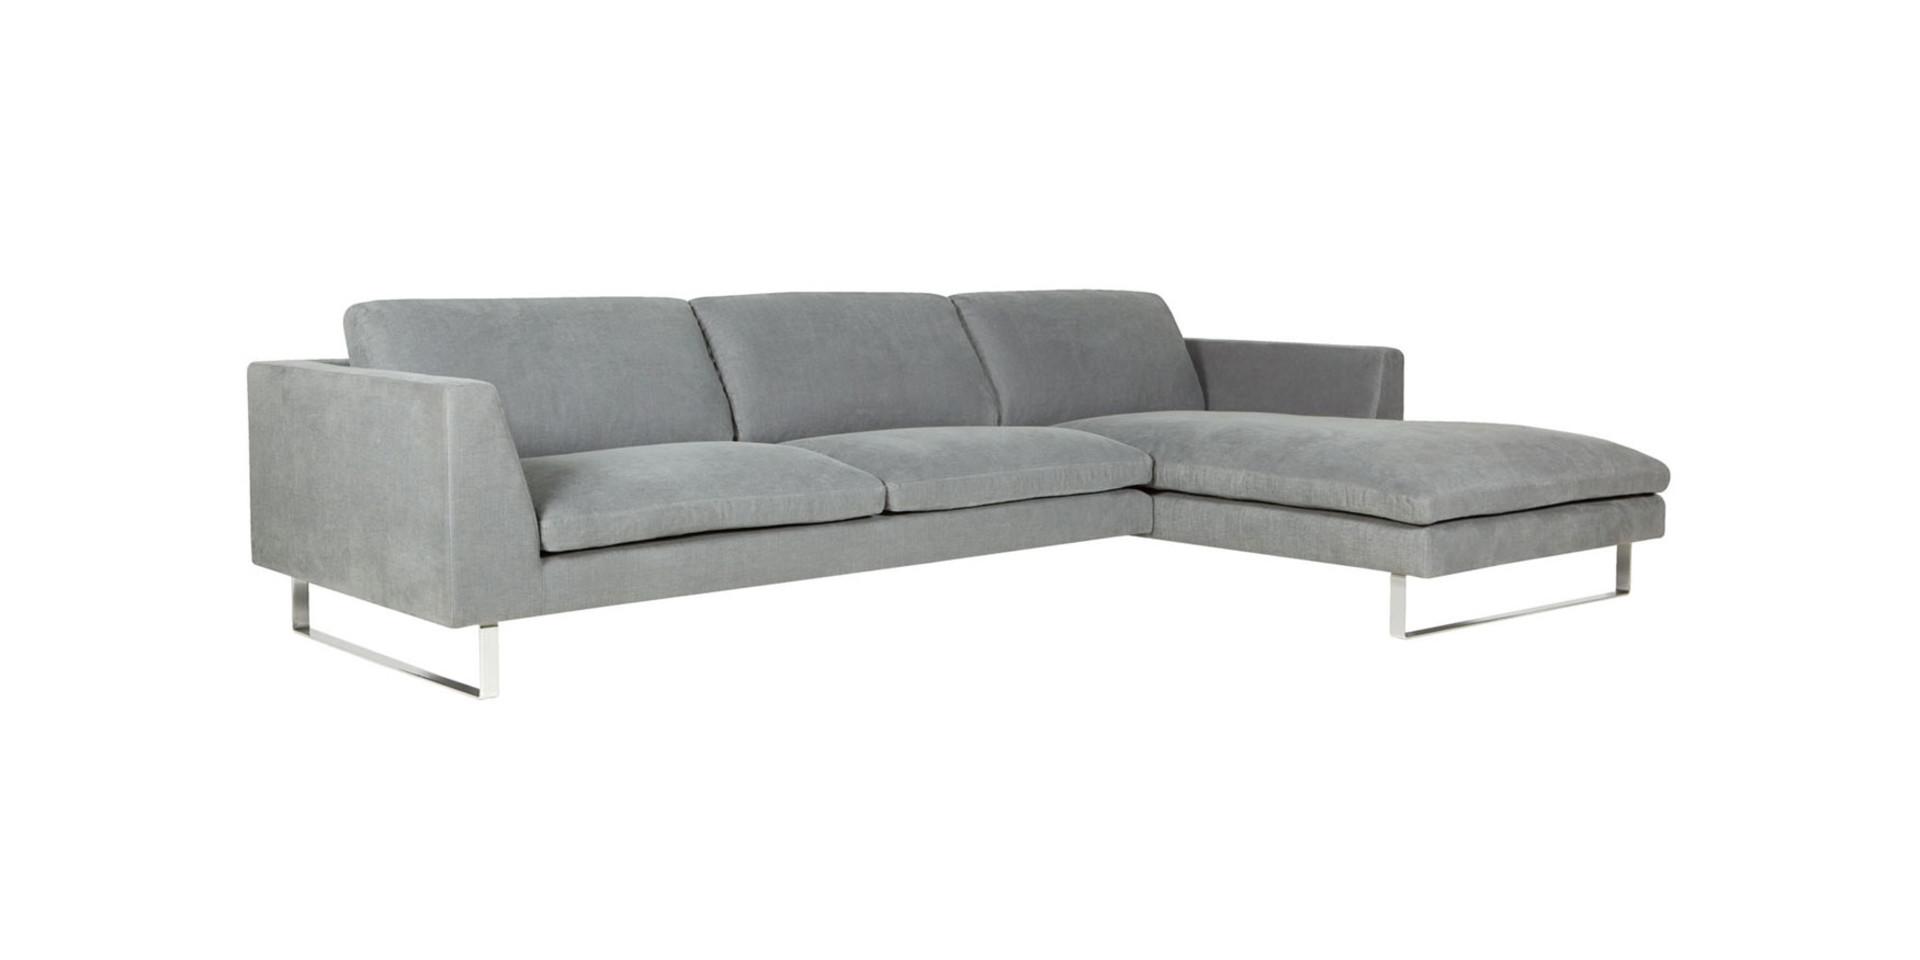 sits-tokyo-angle-set2_caleido10997_grey_2